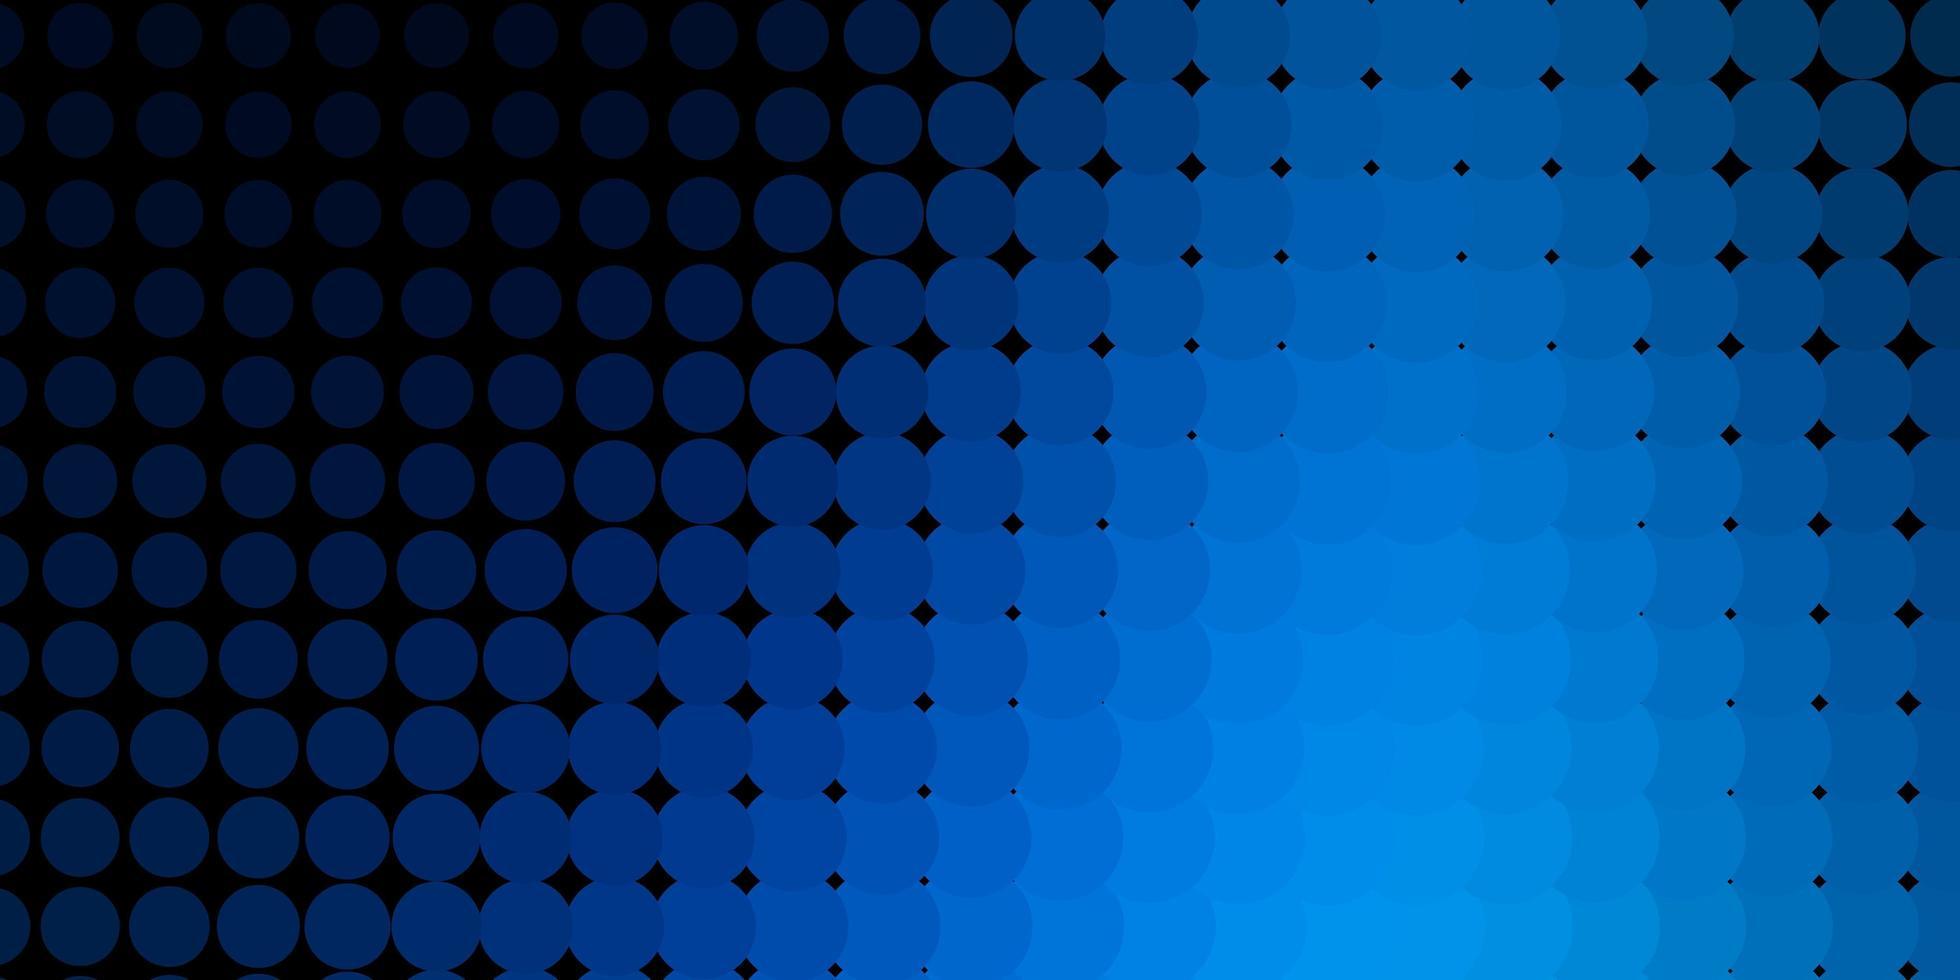 hellblaues Vektormuster mit Kugeln. vektor